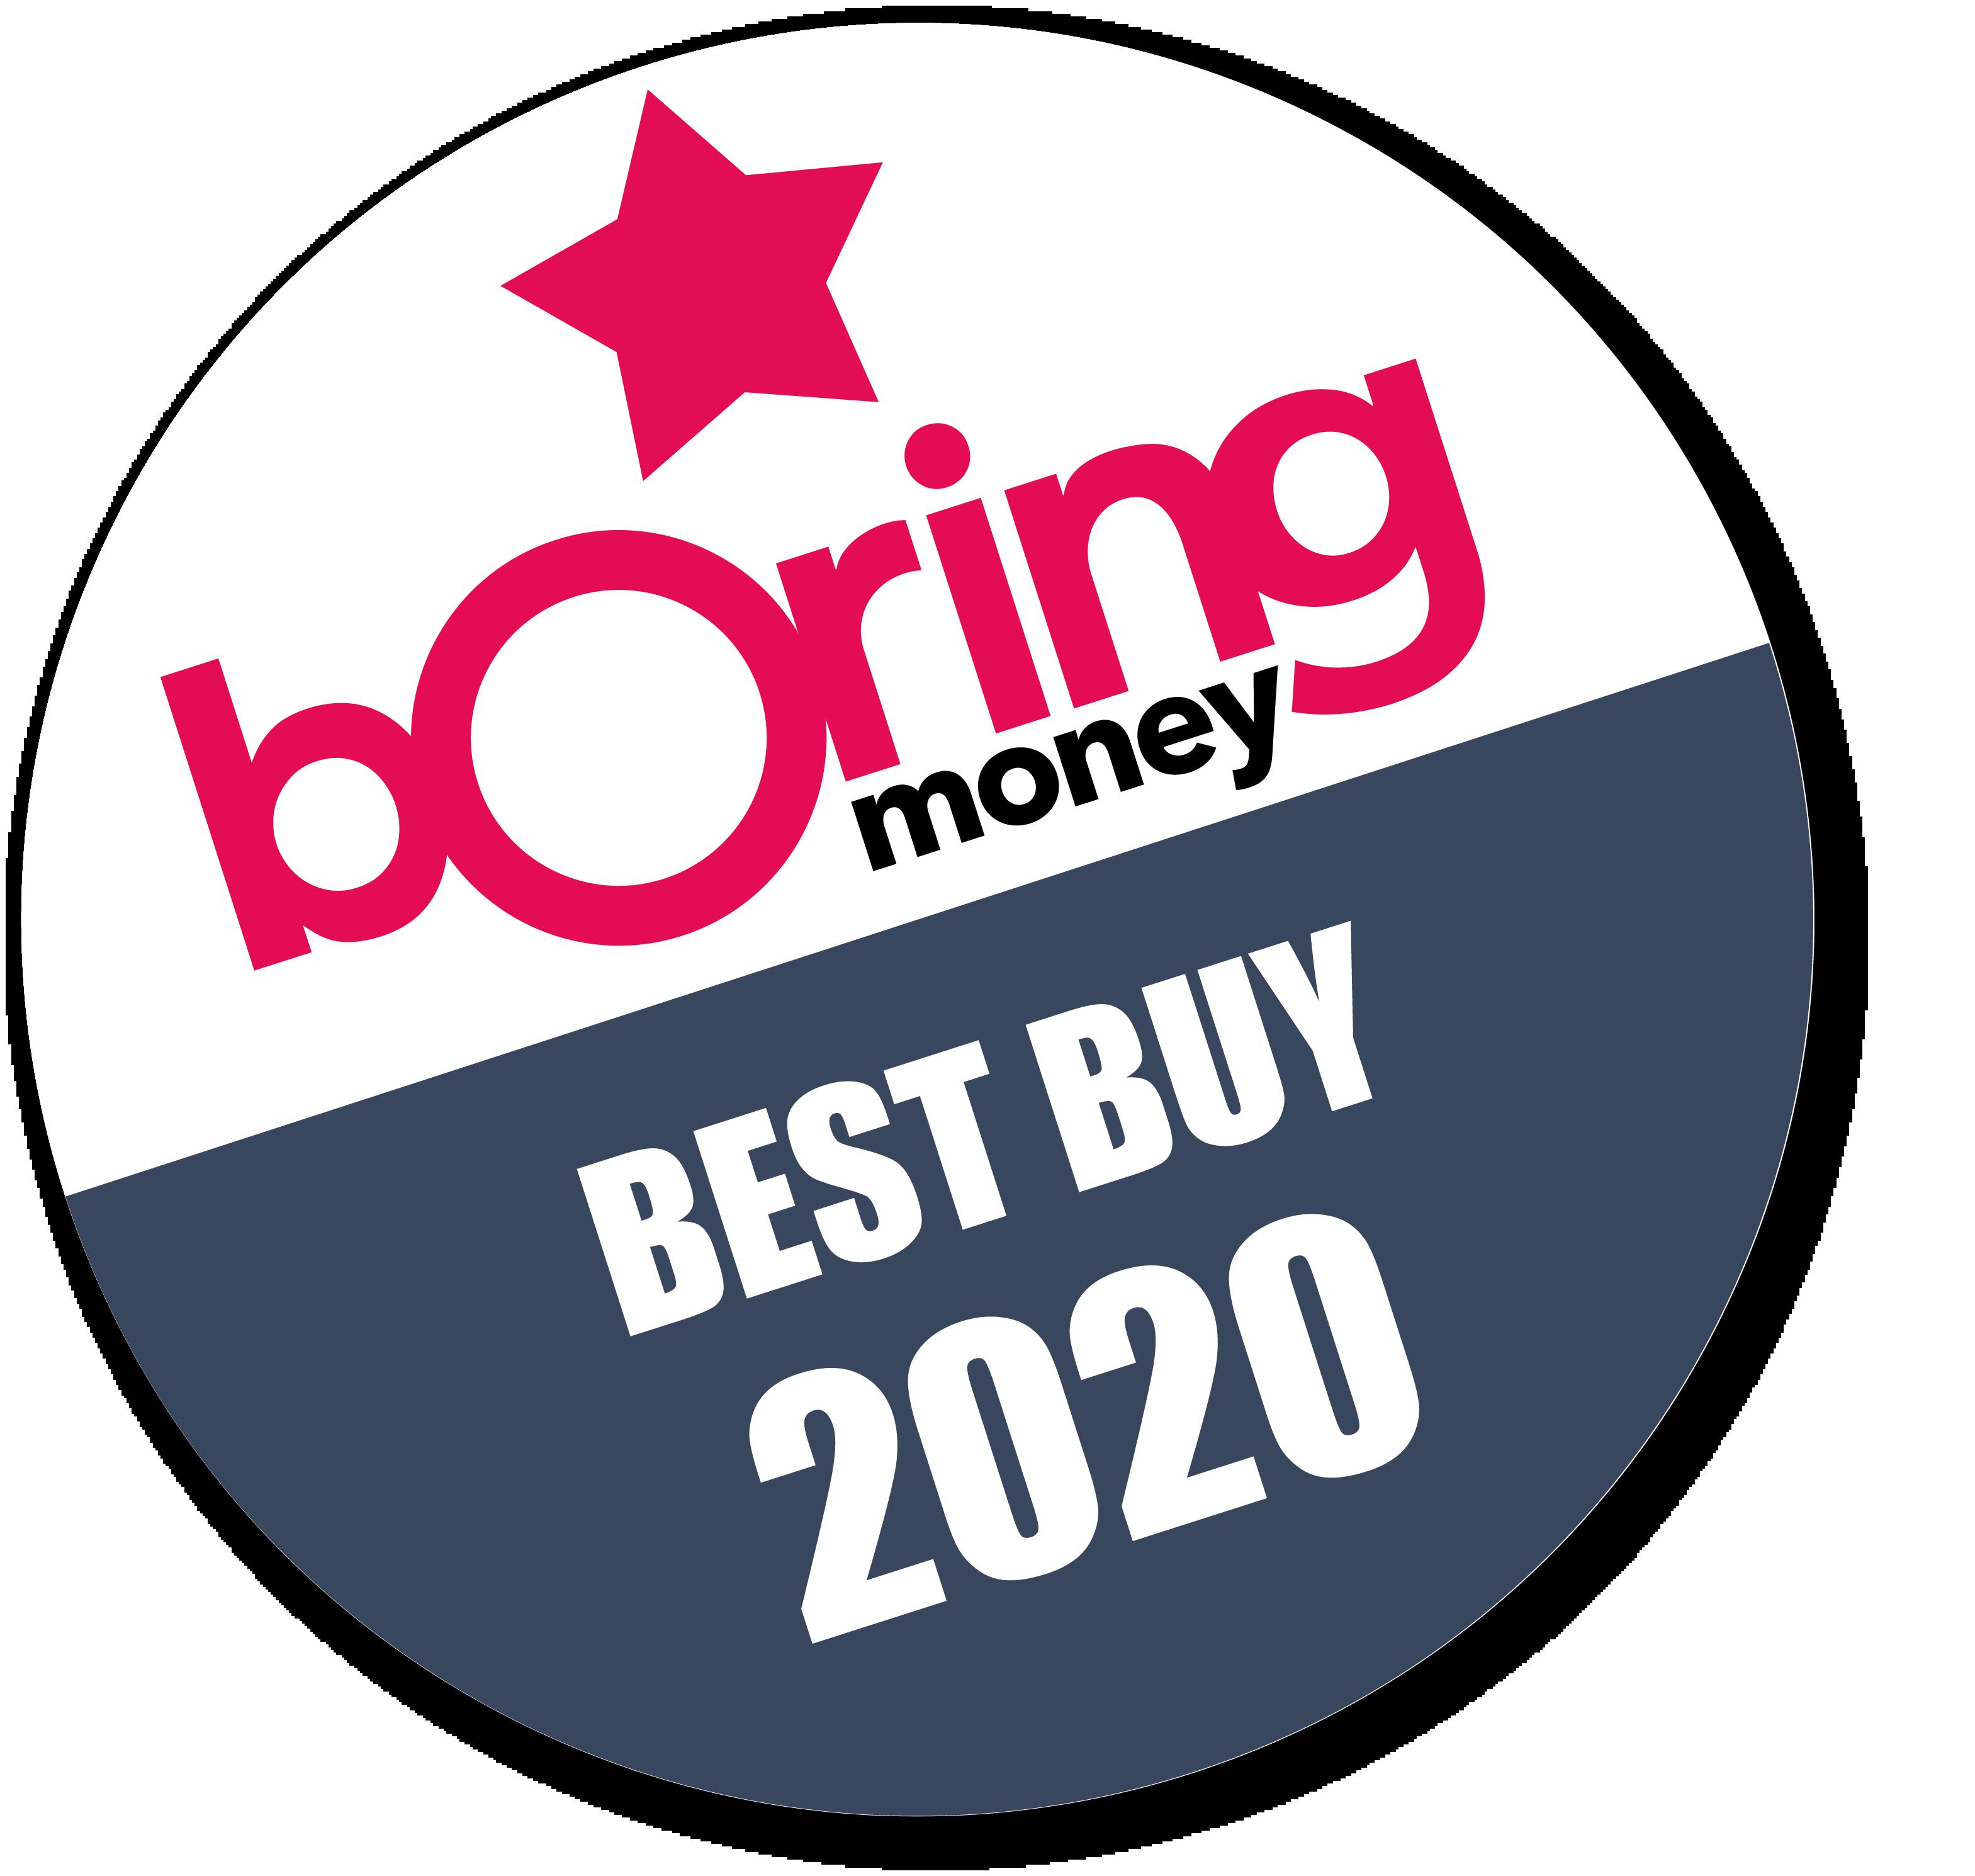 Best Buy 2020